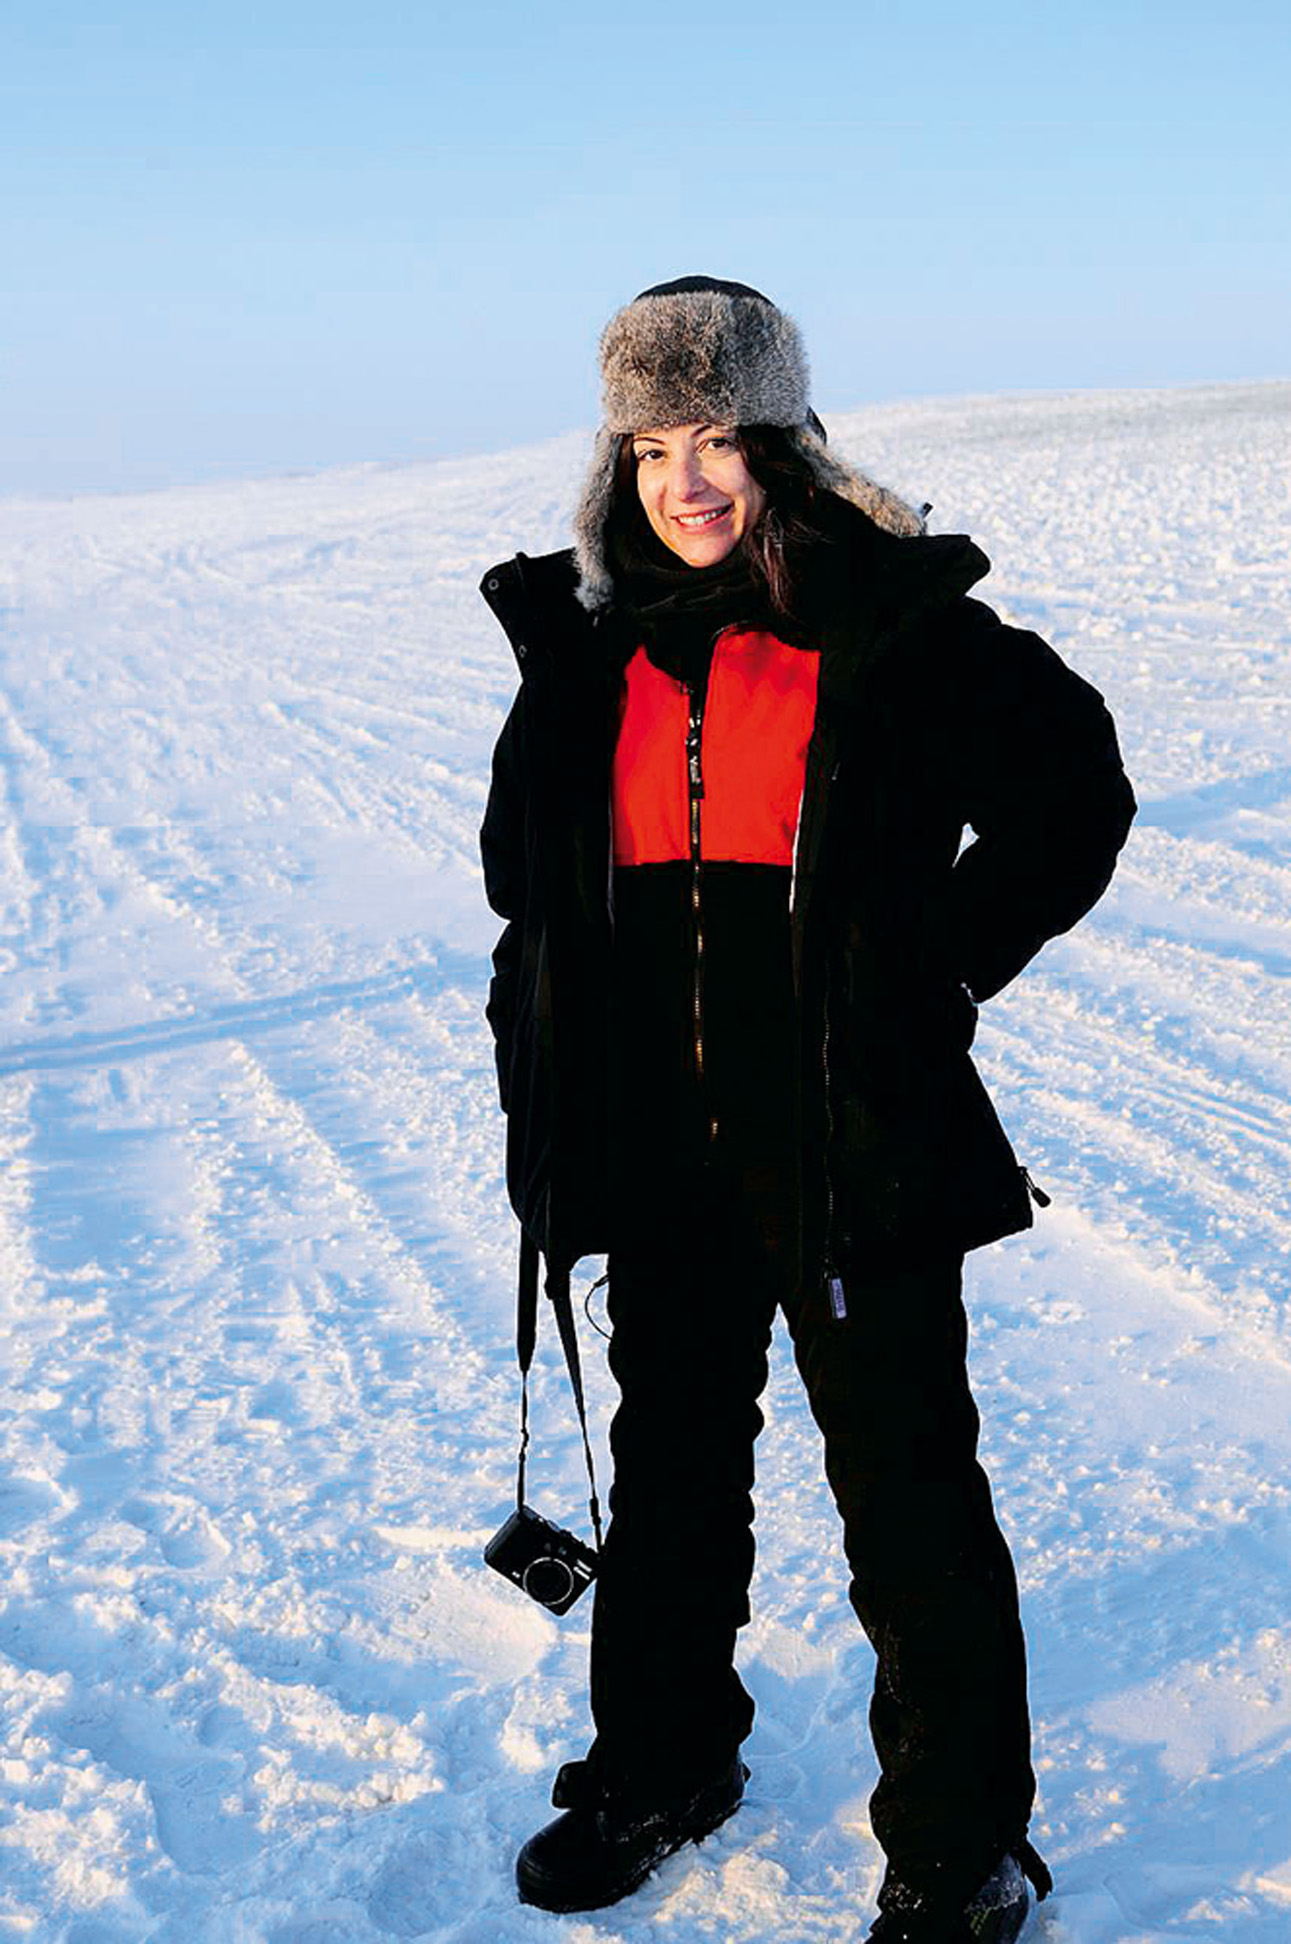 Em Barrow, no Alasca, fazendo dois documentários sobre as mudanças climáticas para o SBT Realidade, em 2008. A temperatura chegava a 37 ºC abaixo de zero